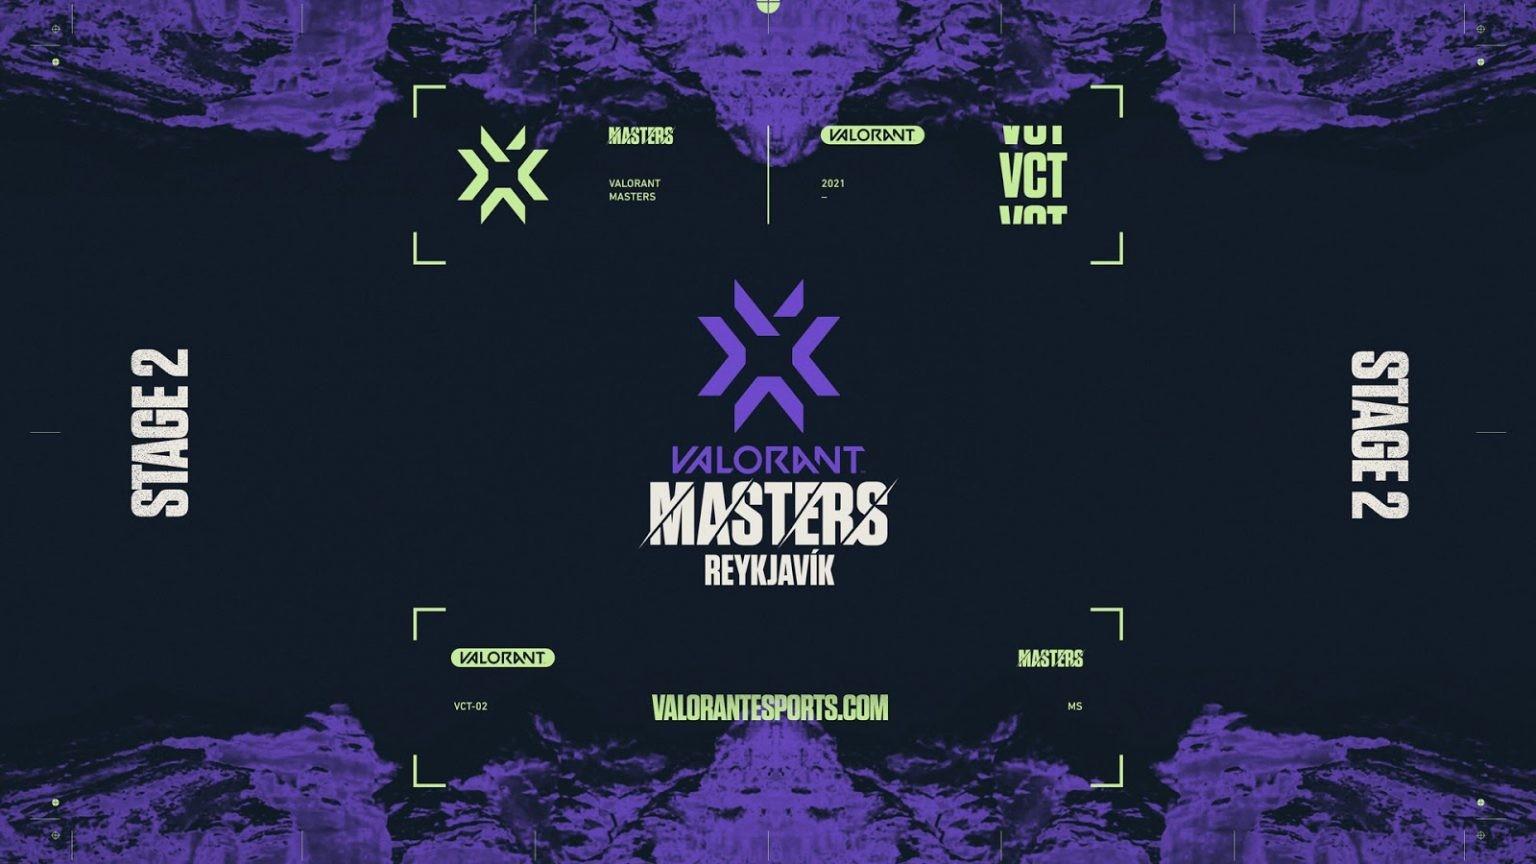 На VCT 2021 Stage 2 Masters в Рейкьявике разыграют 600 тысяч долларов